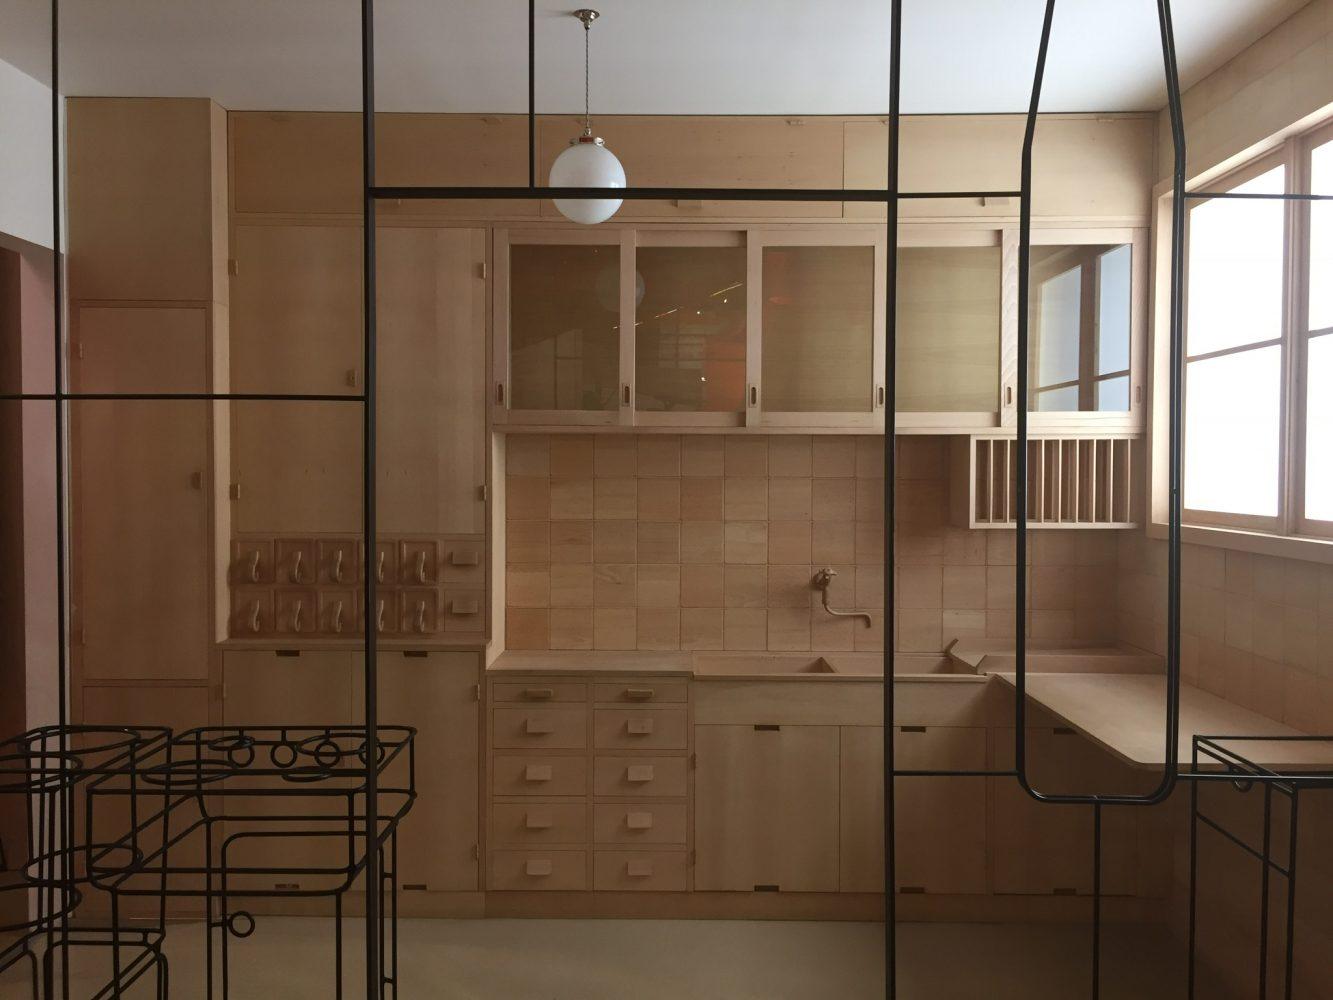 Imagen 6 Reconstrucción esquemática de la cocina Frankfurt. Design Museum, Lodres. Fotografía Rodrigo Vera M.